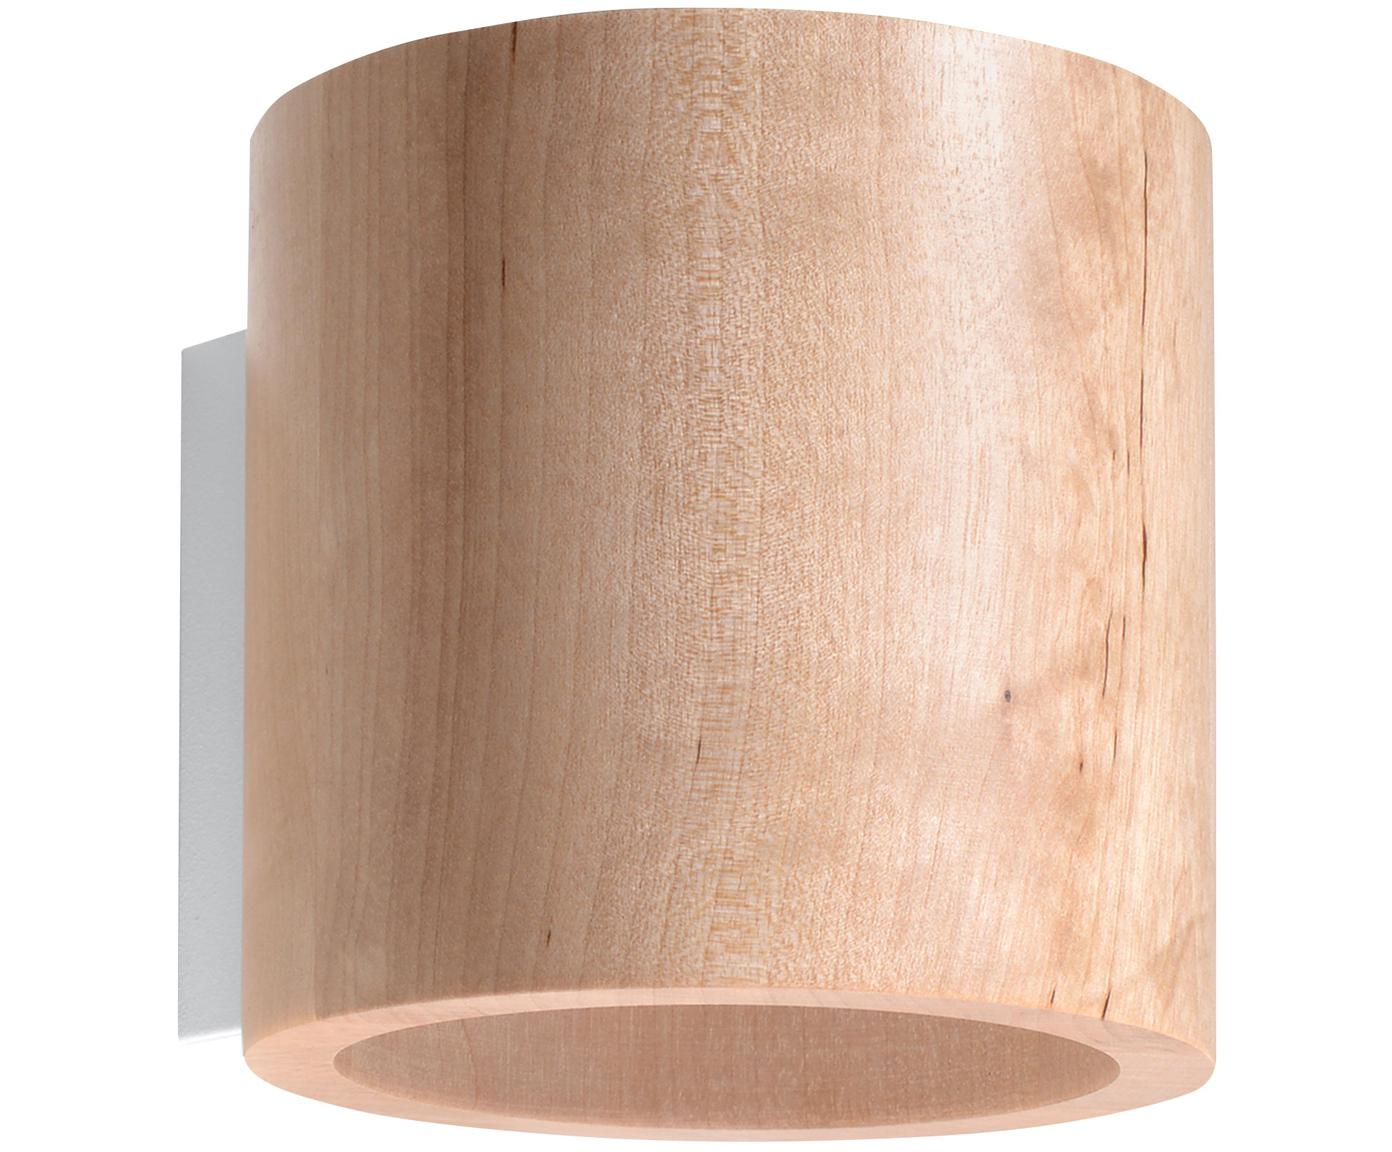 Aplique de madera Roda, Madera, Bayo, Ø 10 x Al 12 cm